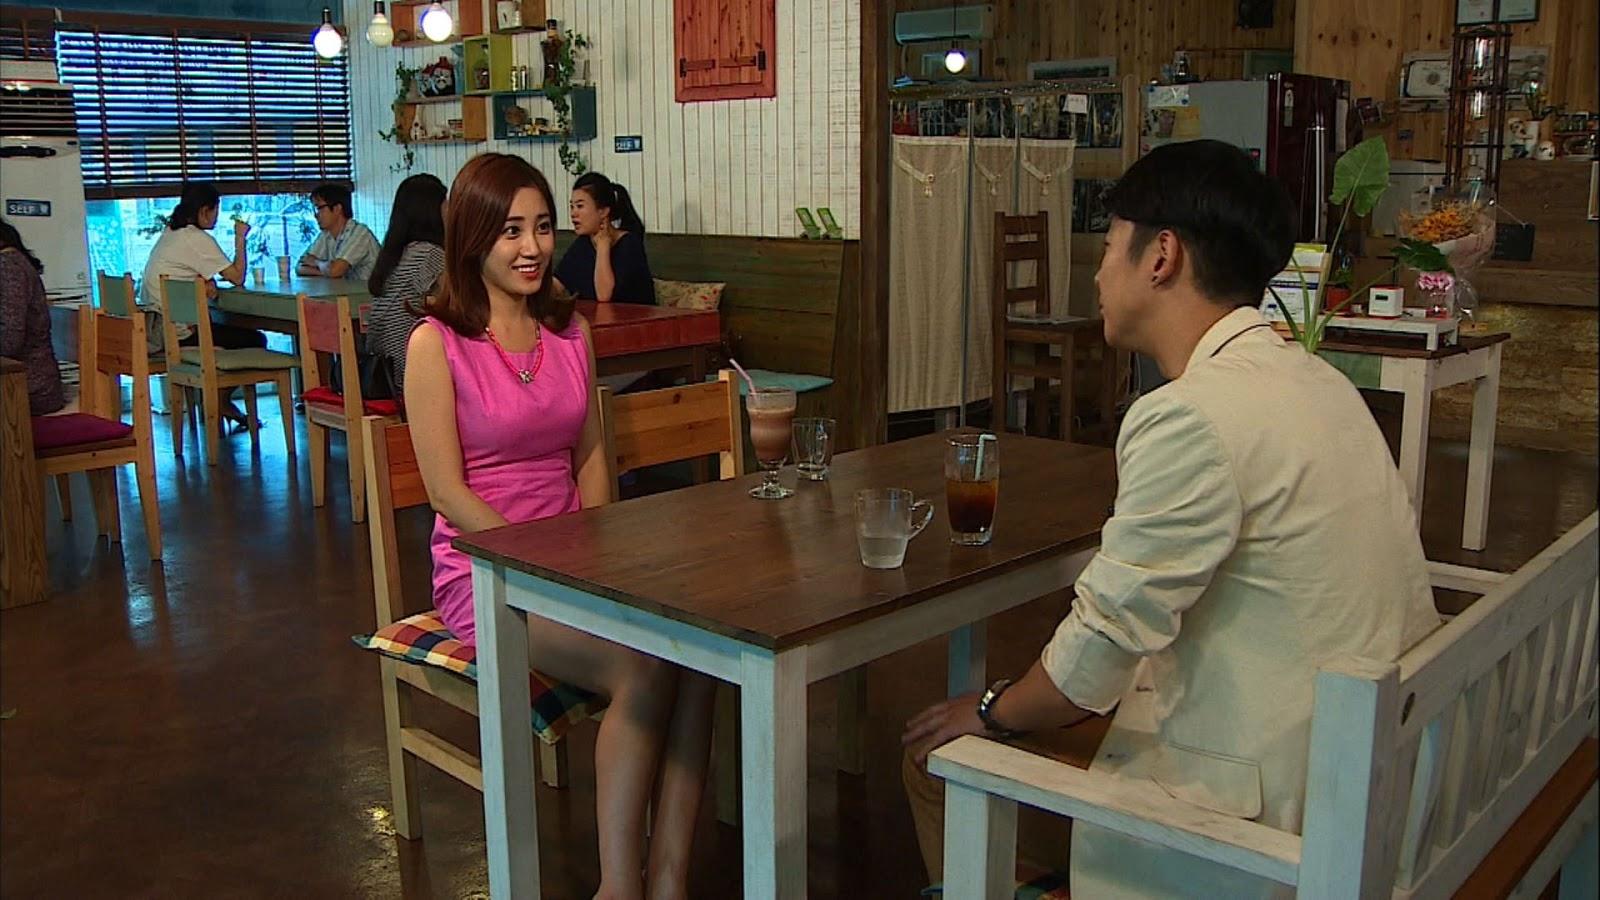 fehér lány randi egy koreai srác borostyán társkereső ellin